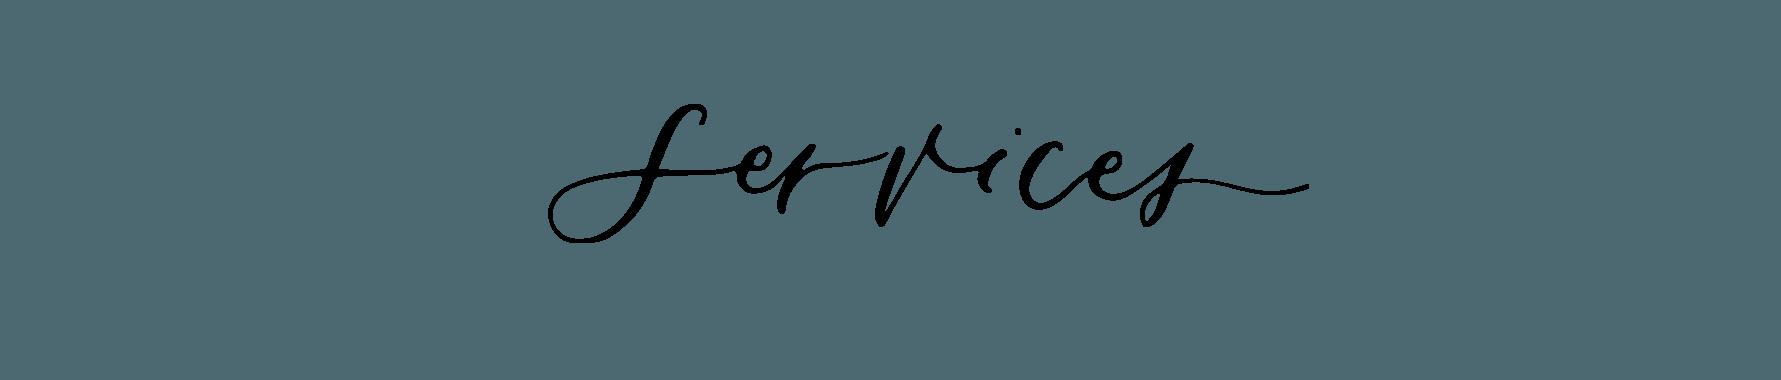 invitation design services